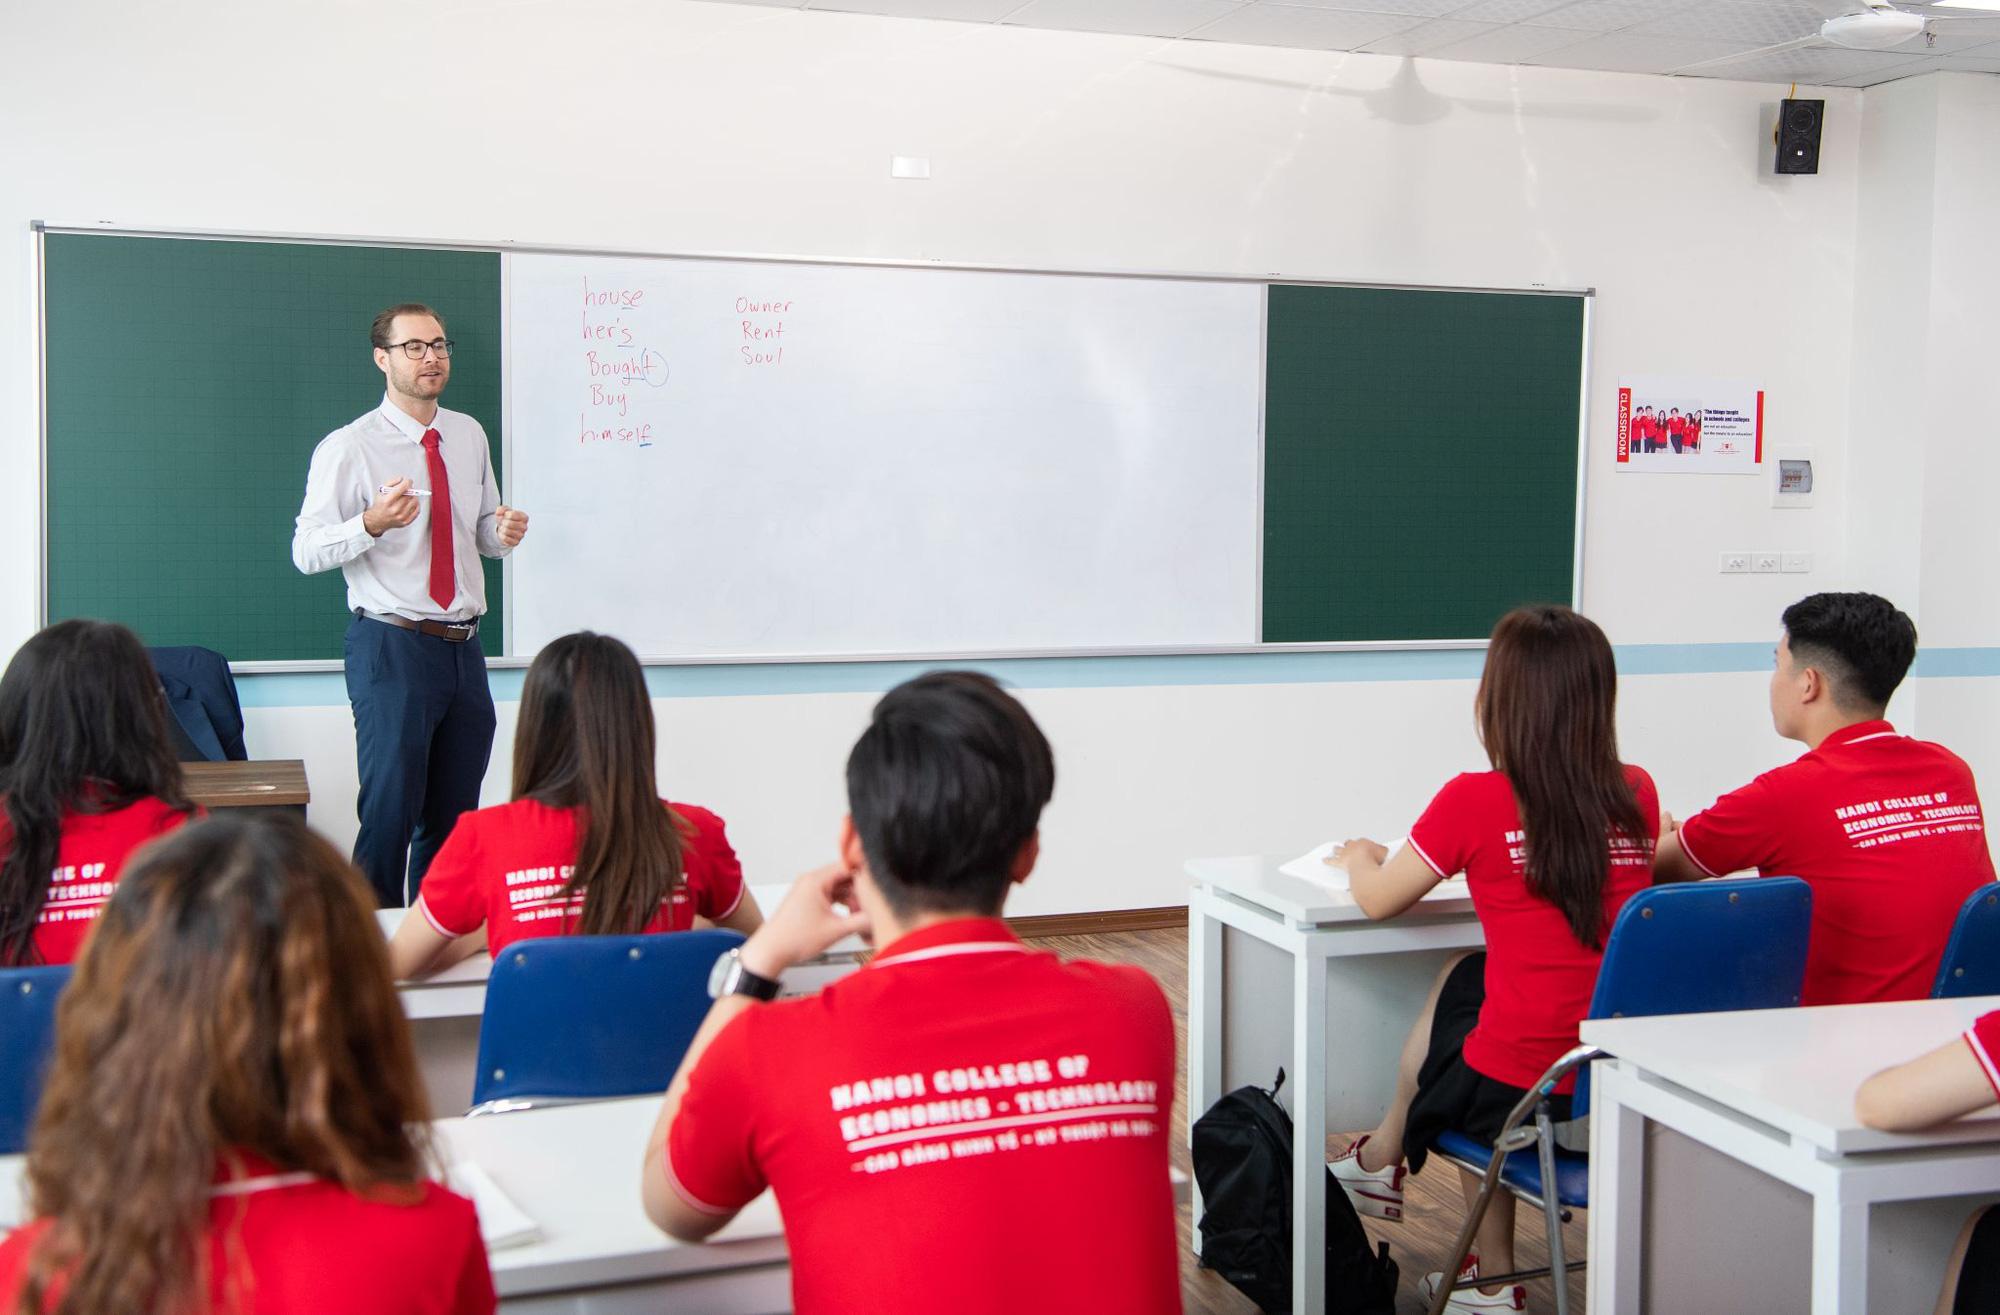 Chương trình học song bằng cao đẳng - đại học tại Cao đẳng Kinh tế - Kỹ thuật Hà Nội giúp học viên chủ động, linh hoạt trong việc học - Ảnh 1.